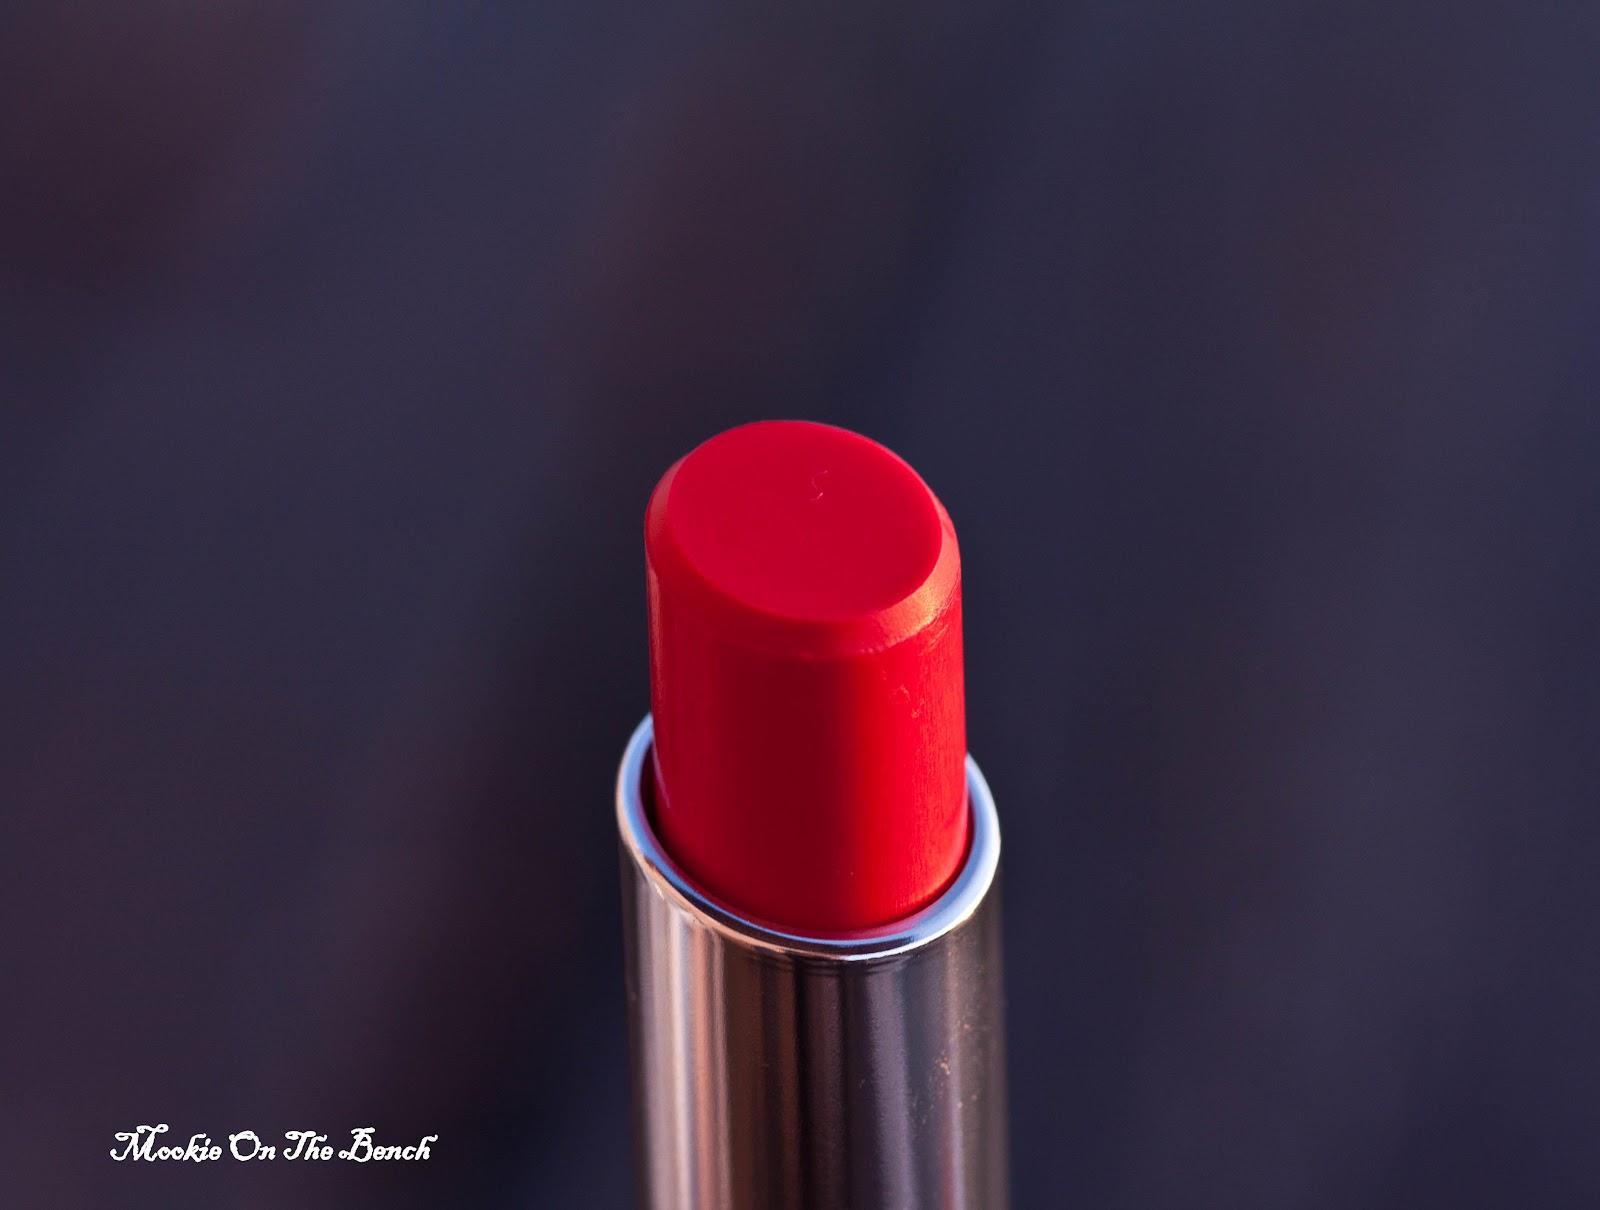 http://3.bp.blogspot.com/-U4-F5qrsS6M/T2eR1b-8IQI/AAAAAAAAA0Q/mD47UPWaXSI/s1600/Dior+Addict+Extreme+lipstick+Lucky+%28536%29.jpg